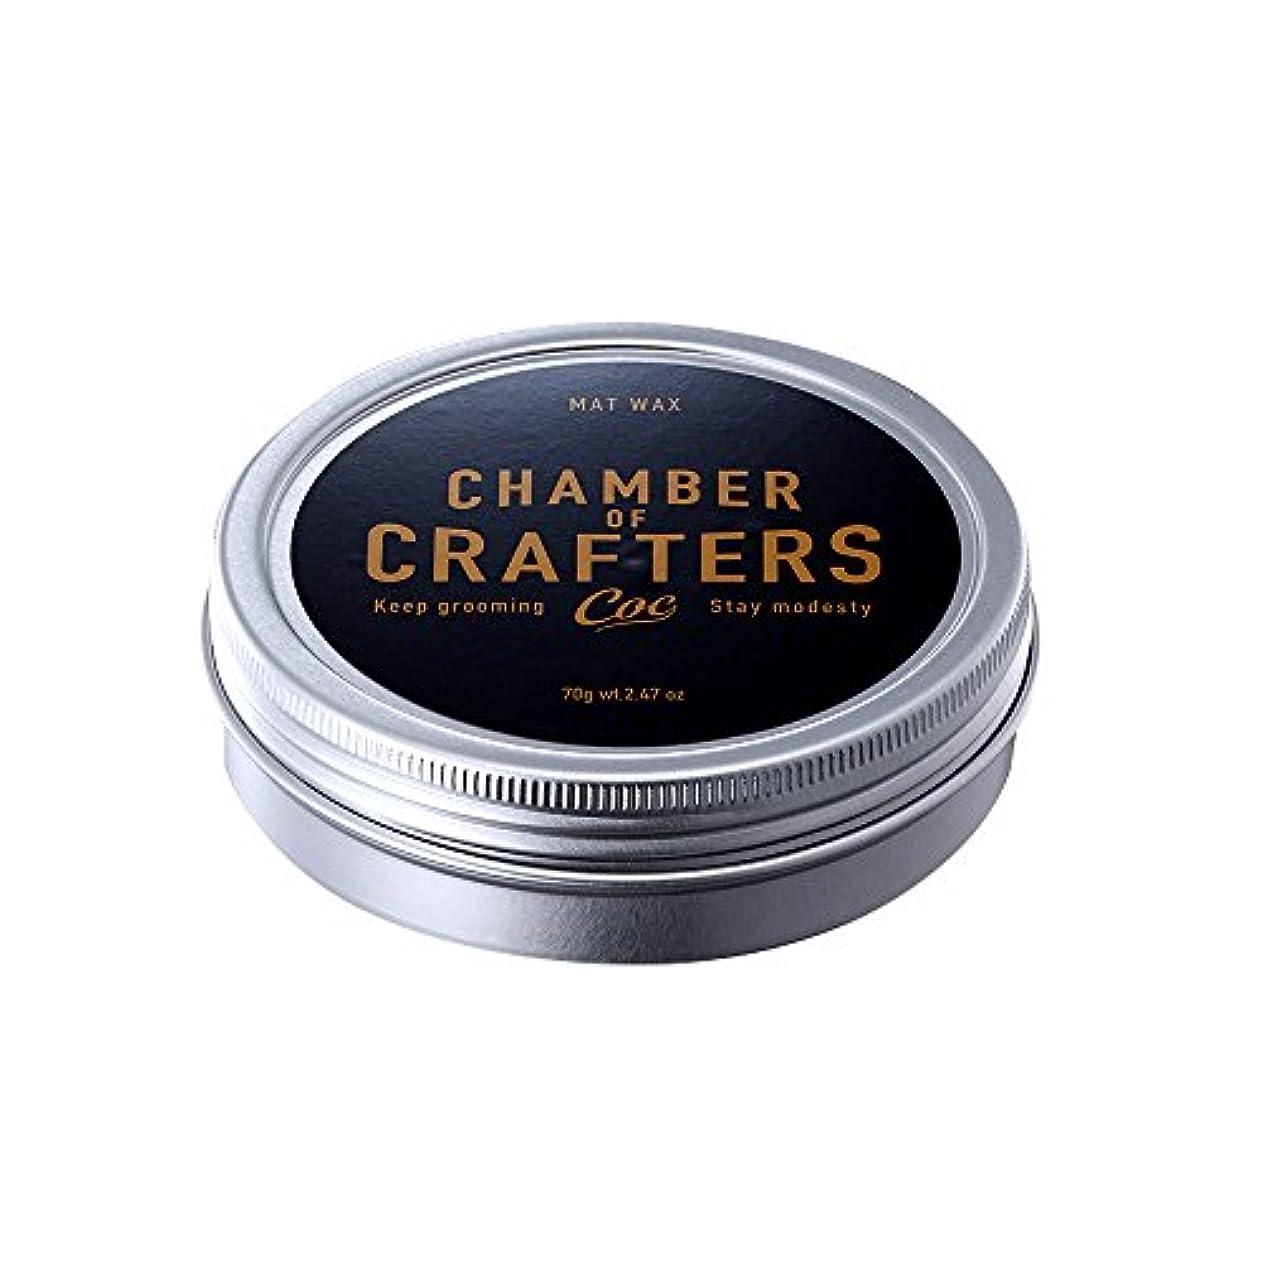 サーカスかわいらしい休眠CHAMBER OF CRAFTERS チェンバーオブクラフターズ マットワックス 70g シトラスグリーンの香り